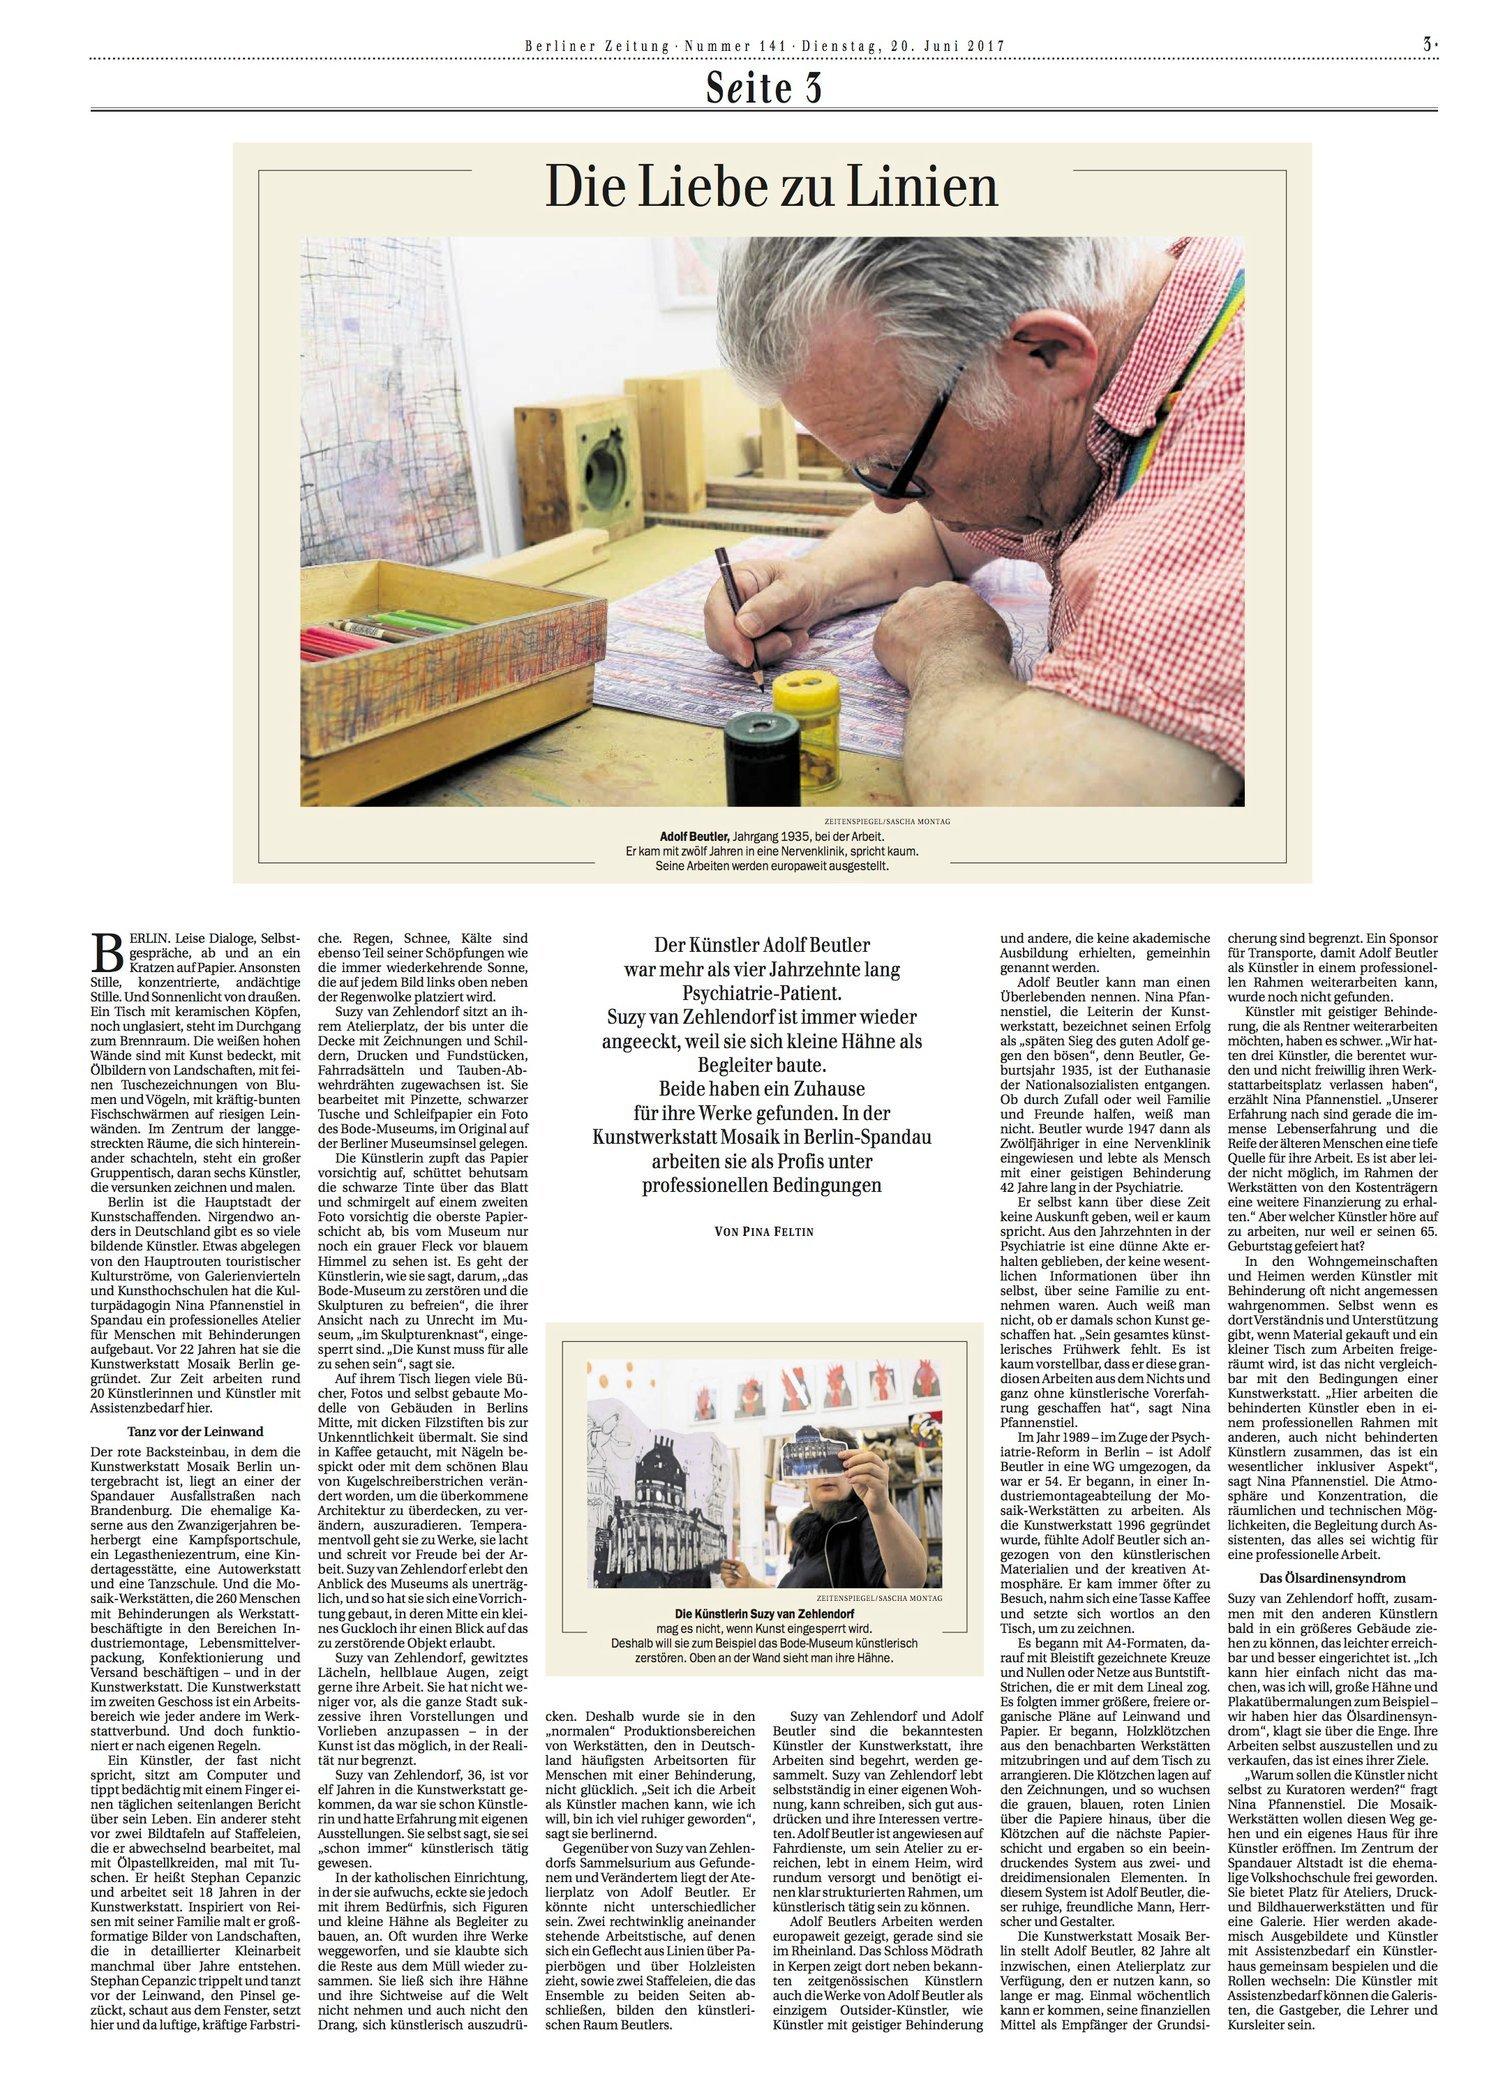 Berliner Zeitung 20.06.17